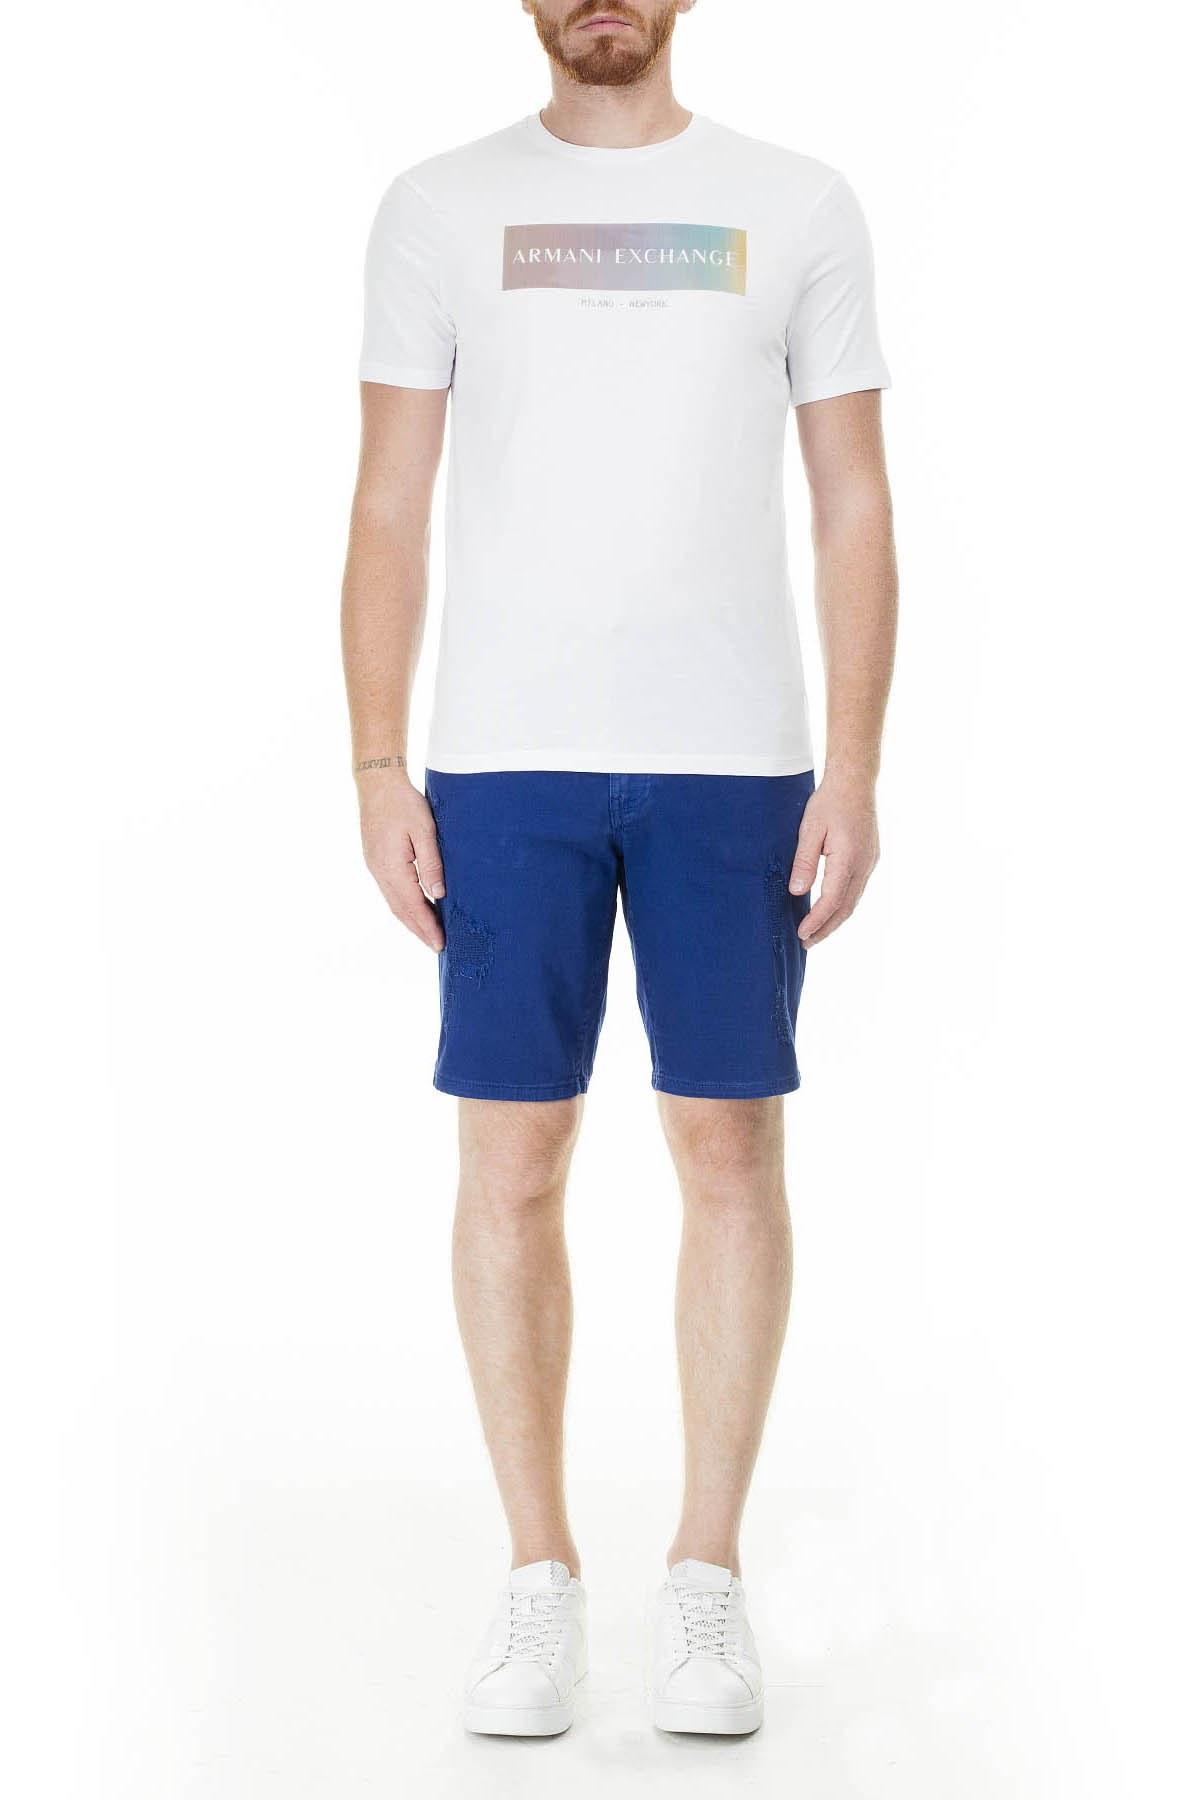 Armani Exchange Baskılı Bisiklet Yaka Erkek T Shirt 3HZTGB ZJH4Z 1100 BEYAZ